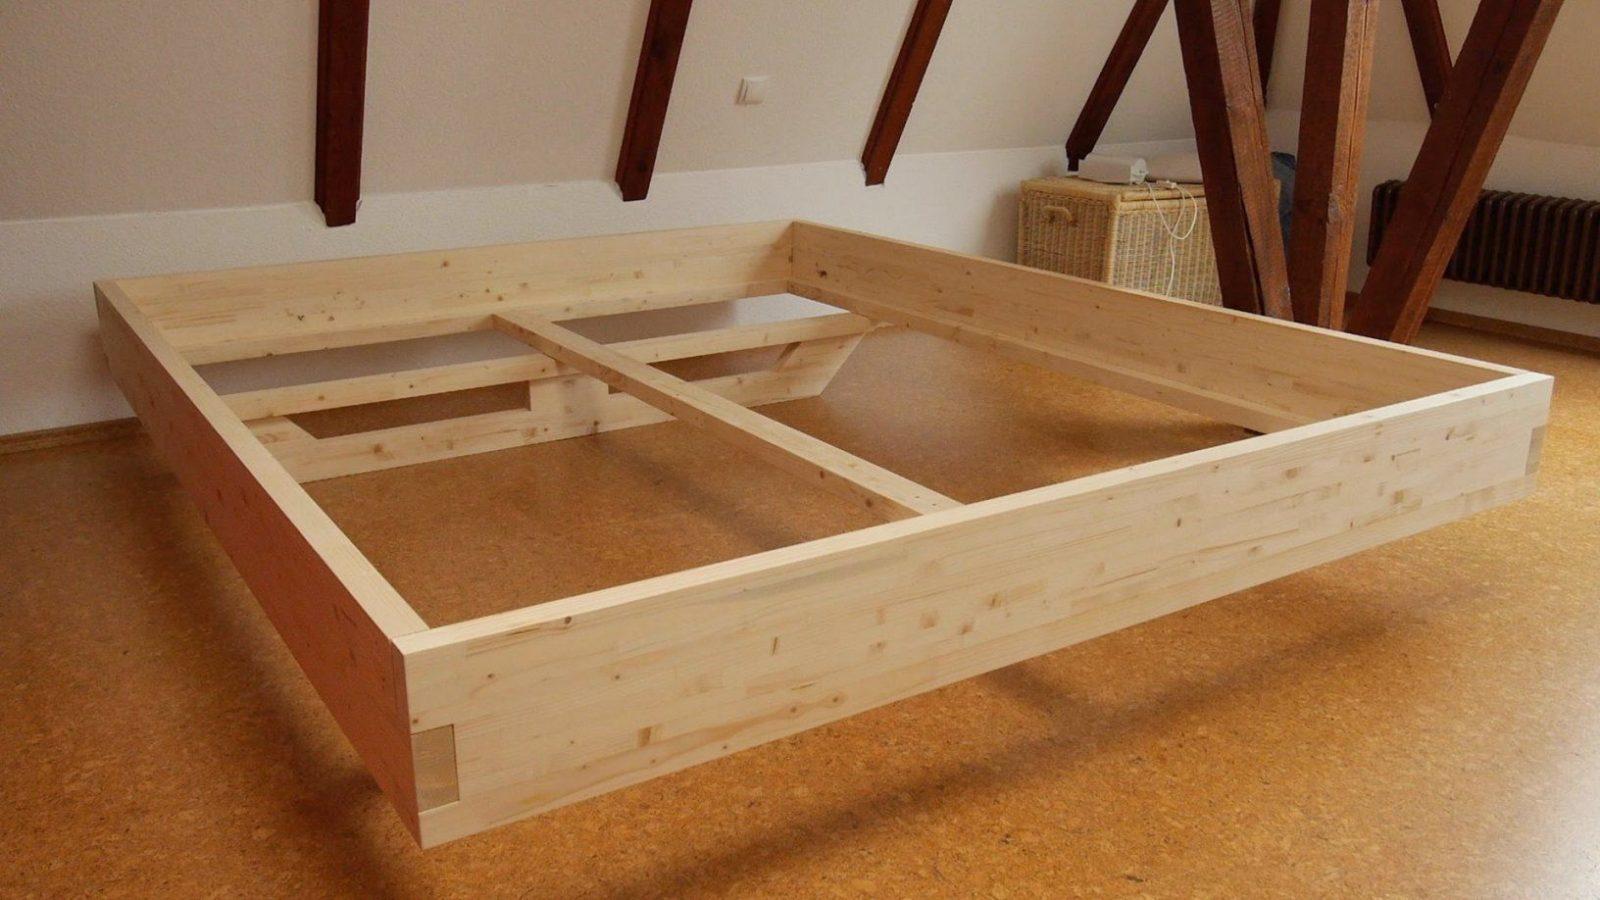 Elegant  Pc Tisch Selber Bauen Holz Wiiwohn In Genial von Billardtisch Selber Bauen Anleitung Mit Bildern Bild